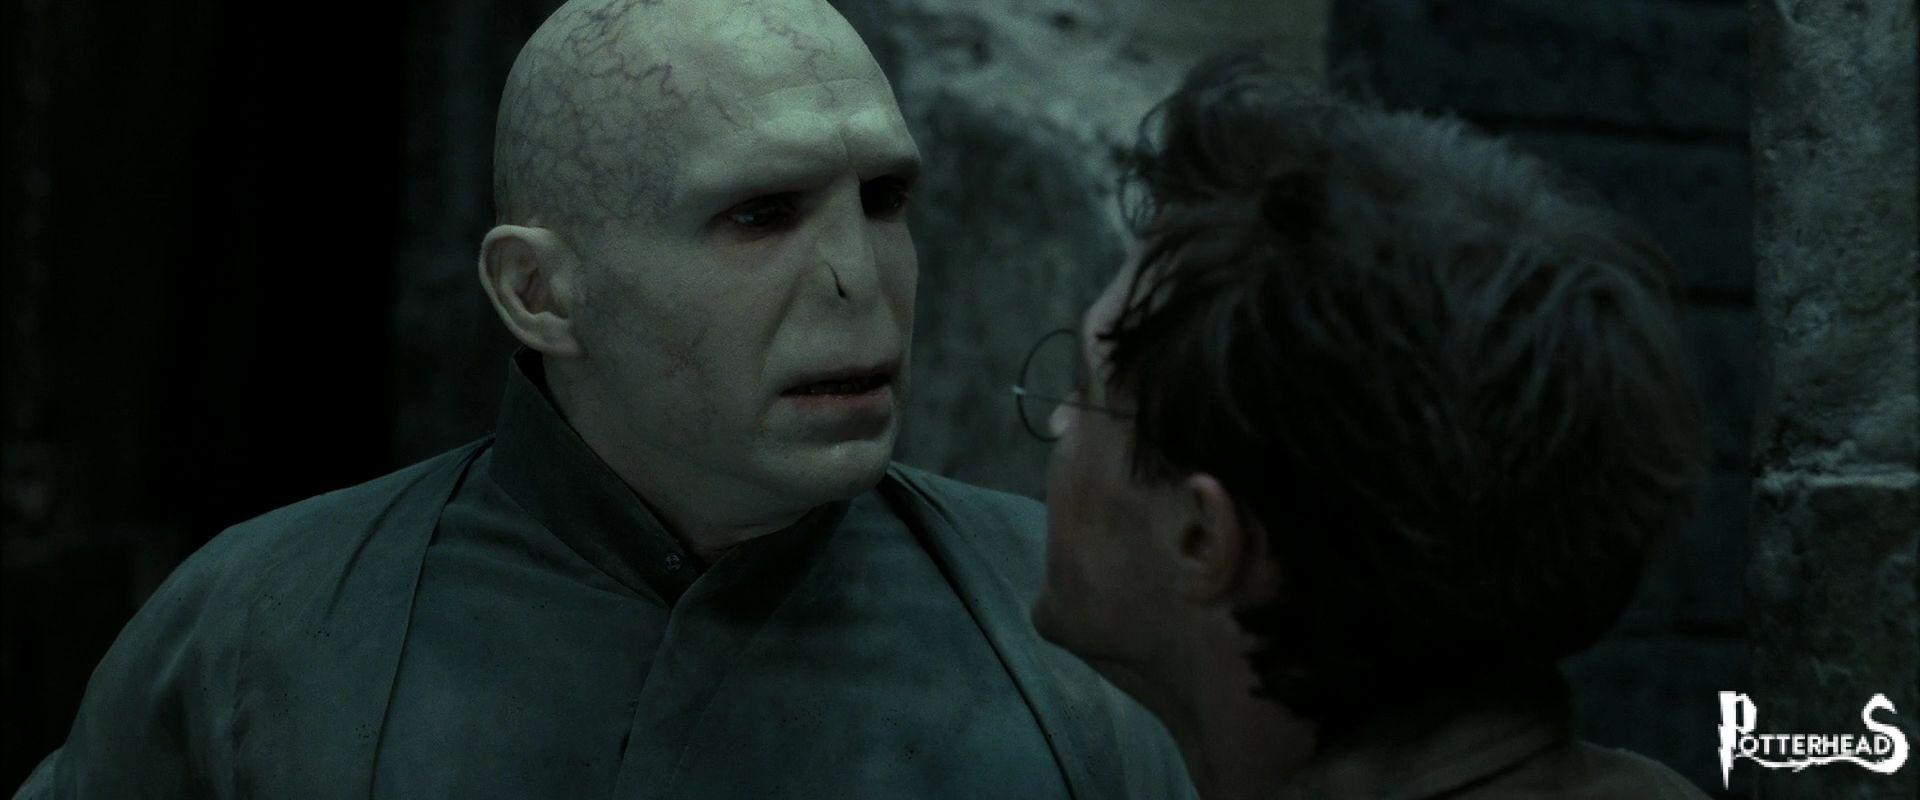 Attori che hanno interpretato Lord Voldemort Harry Potter - PotterPedia.it